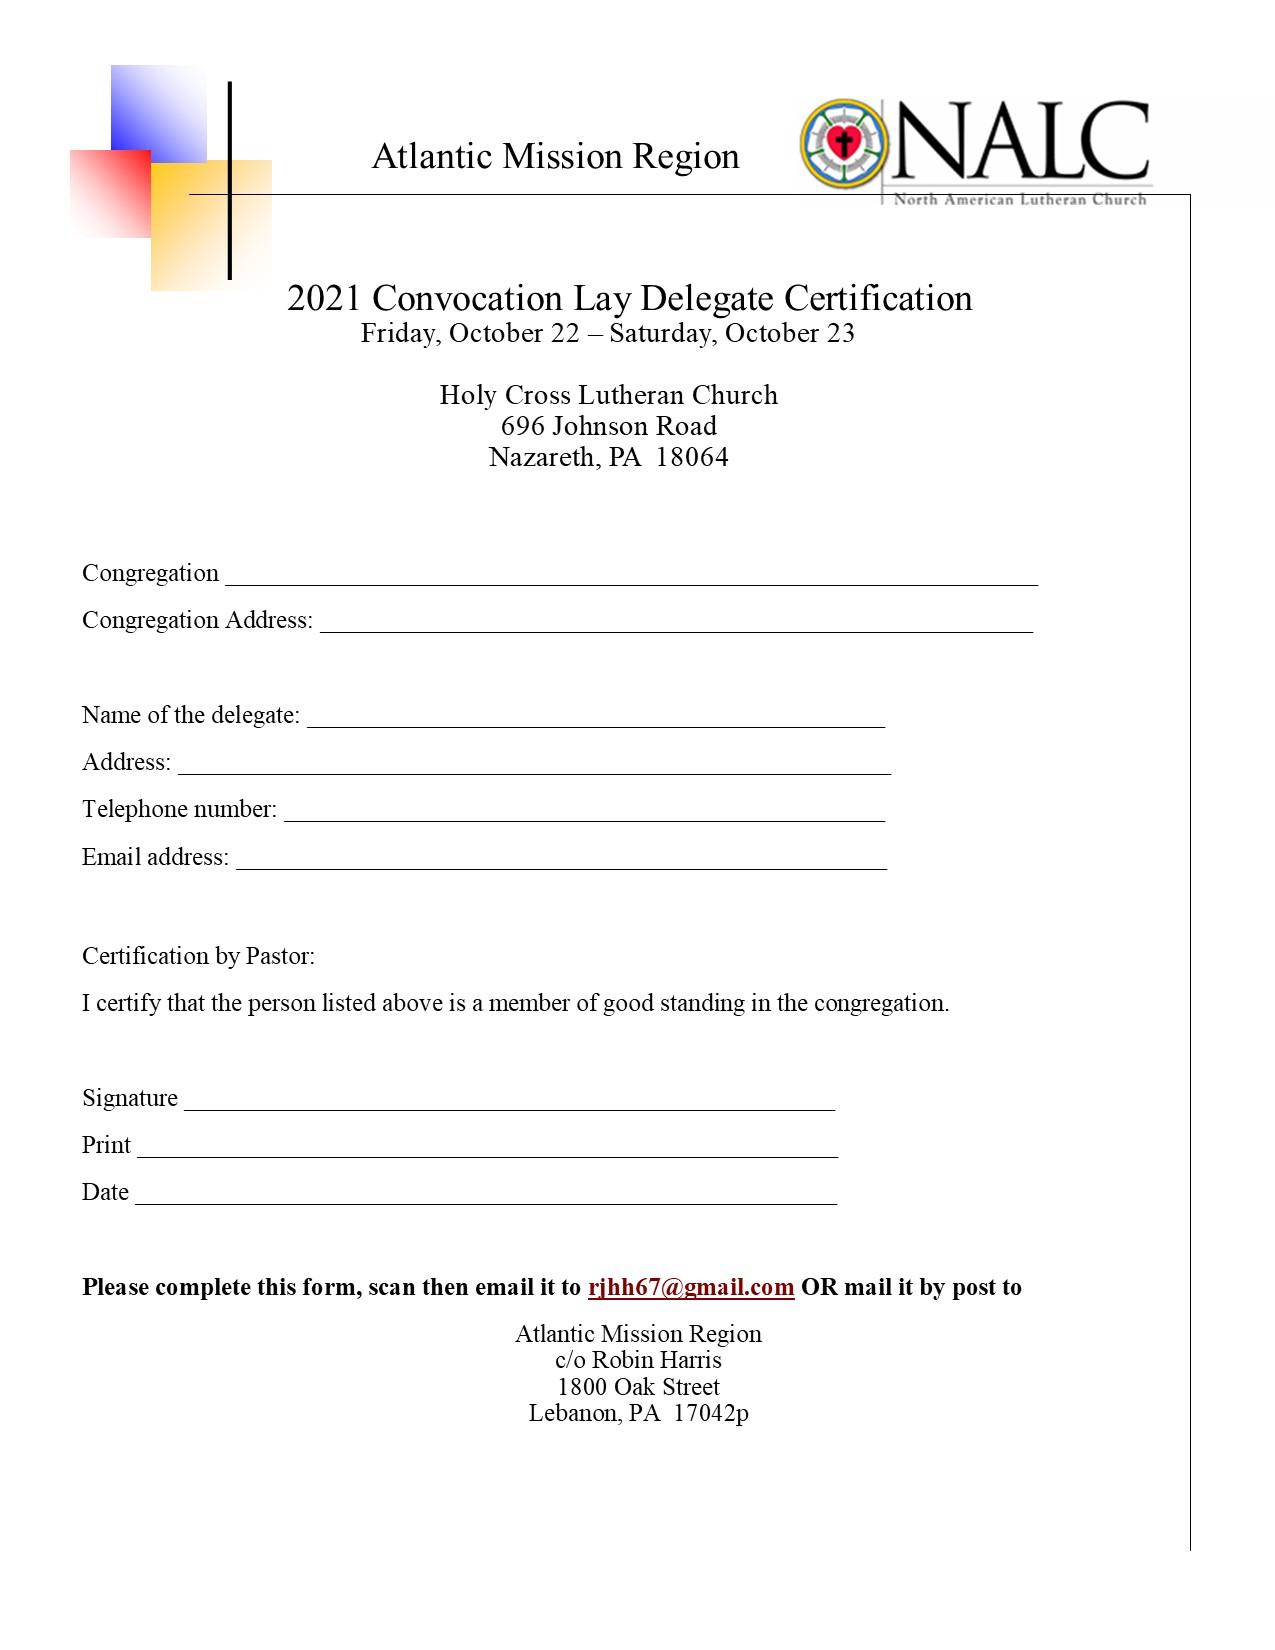 Delegate Certification Form